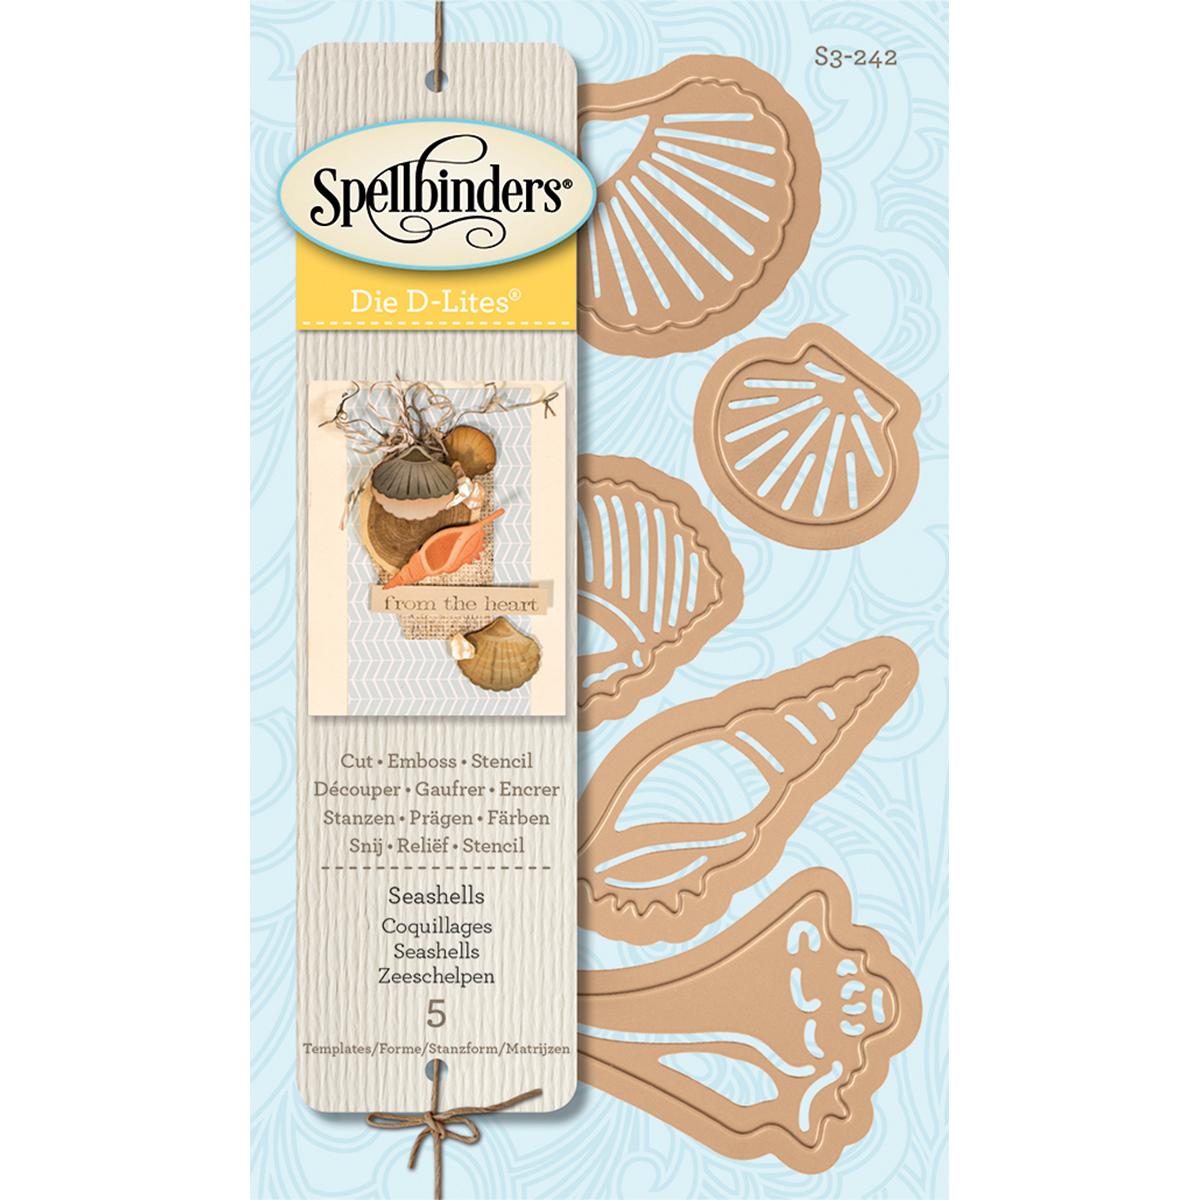 Spellbinders Shapeabilities Die D-Lites-Sea Shells - image 1 de 1